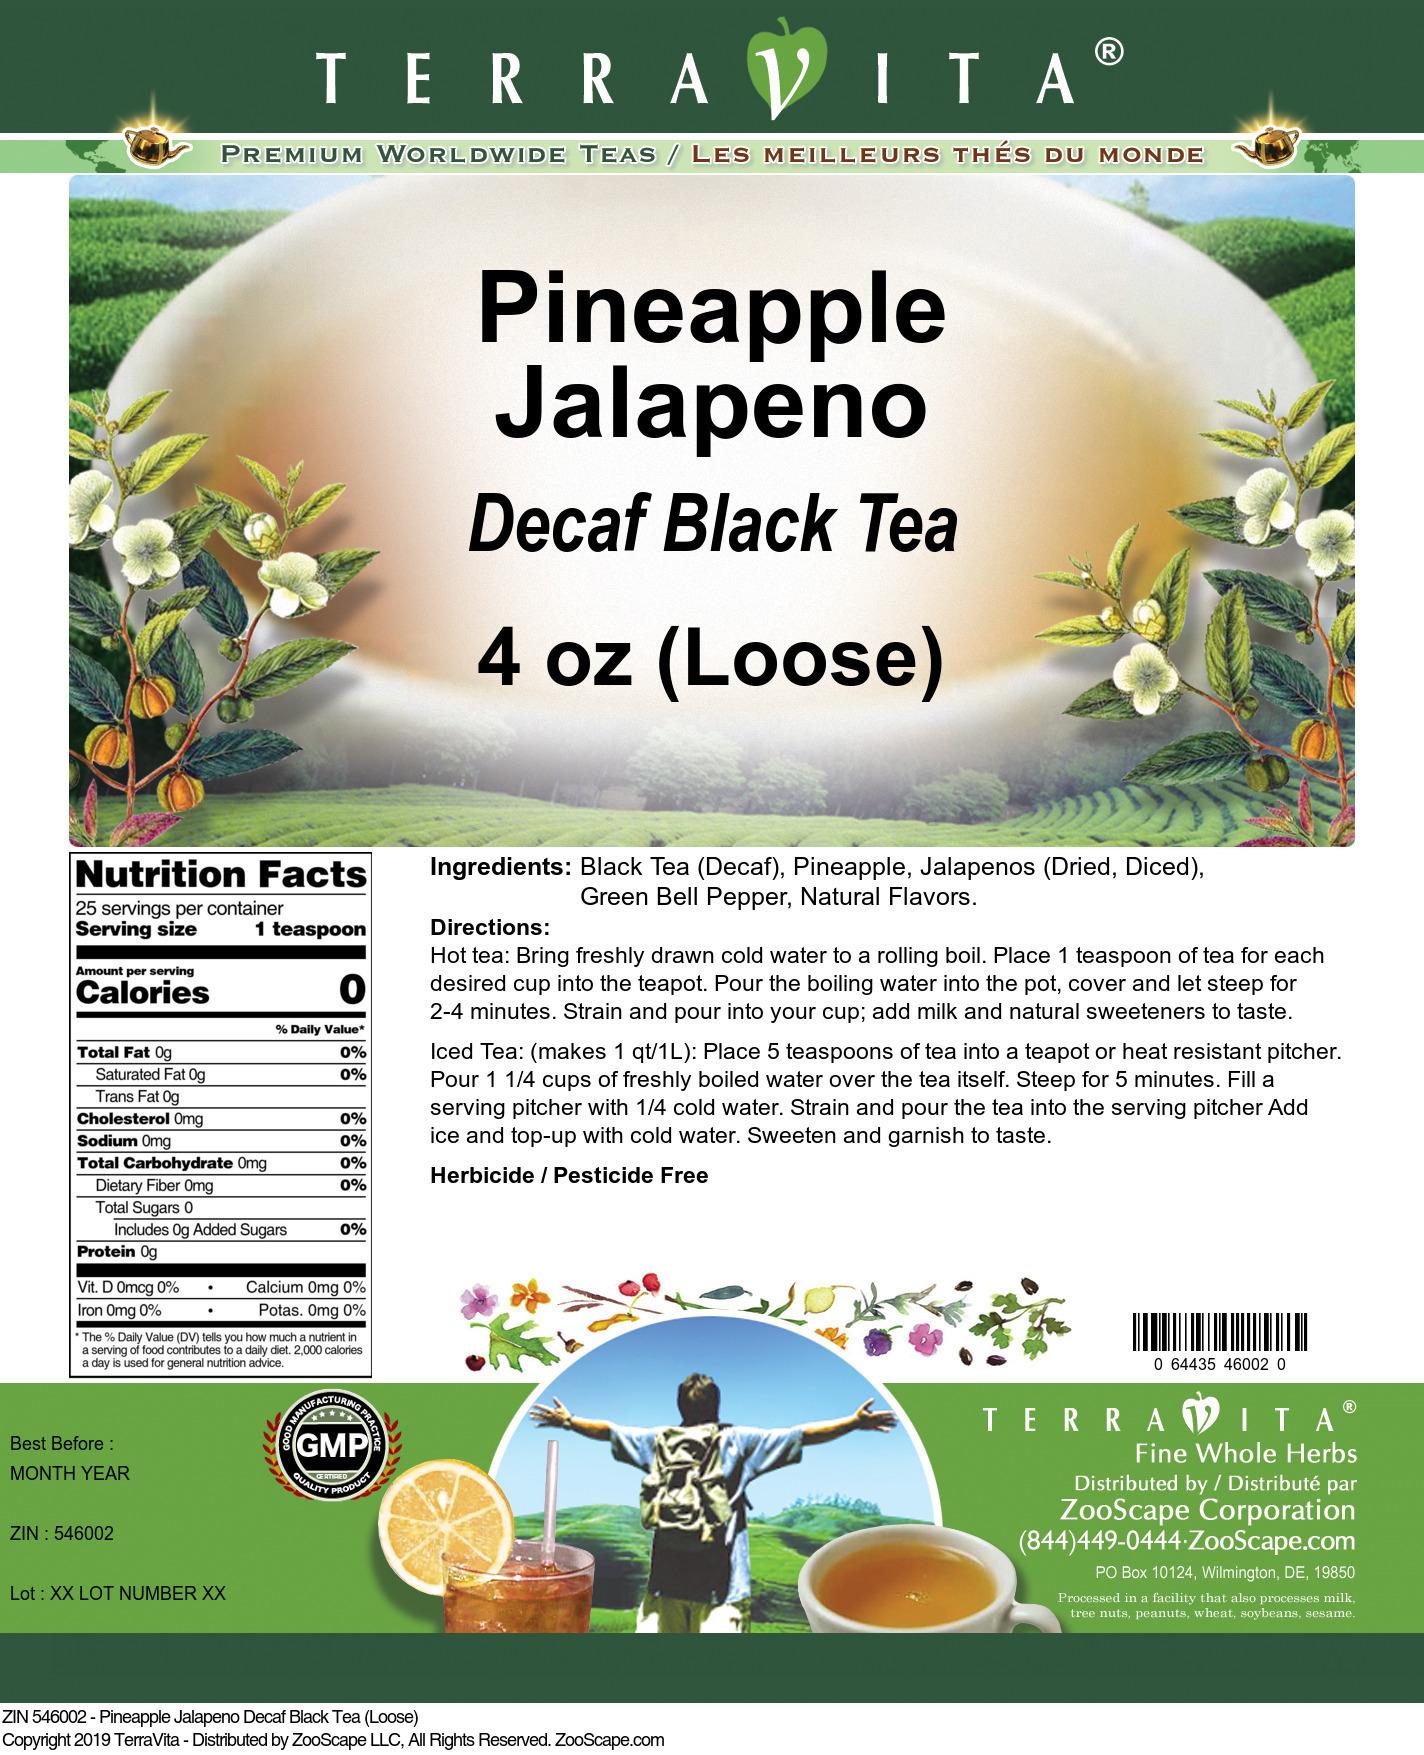 Pineapple Jalapeno Decaf Black Tea (Loose)